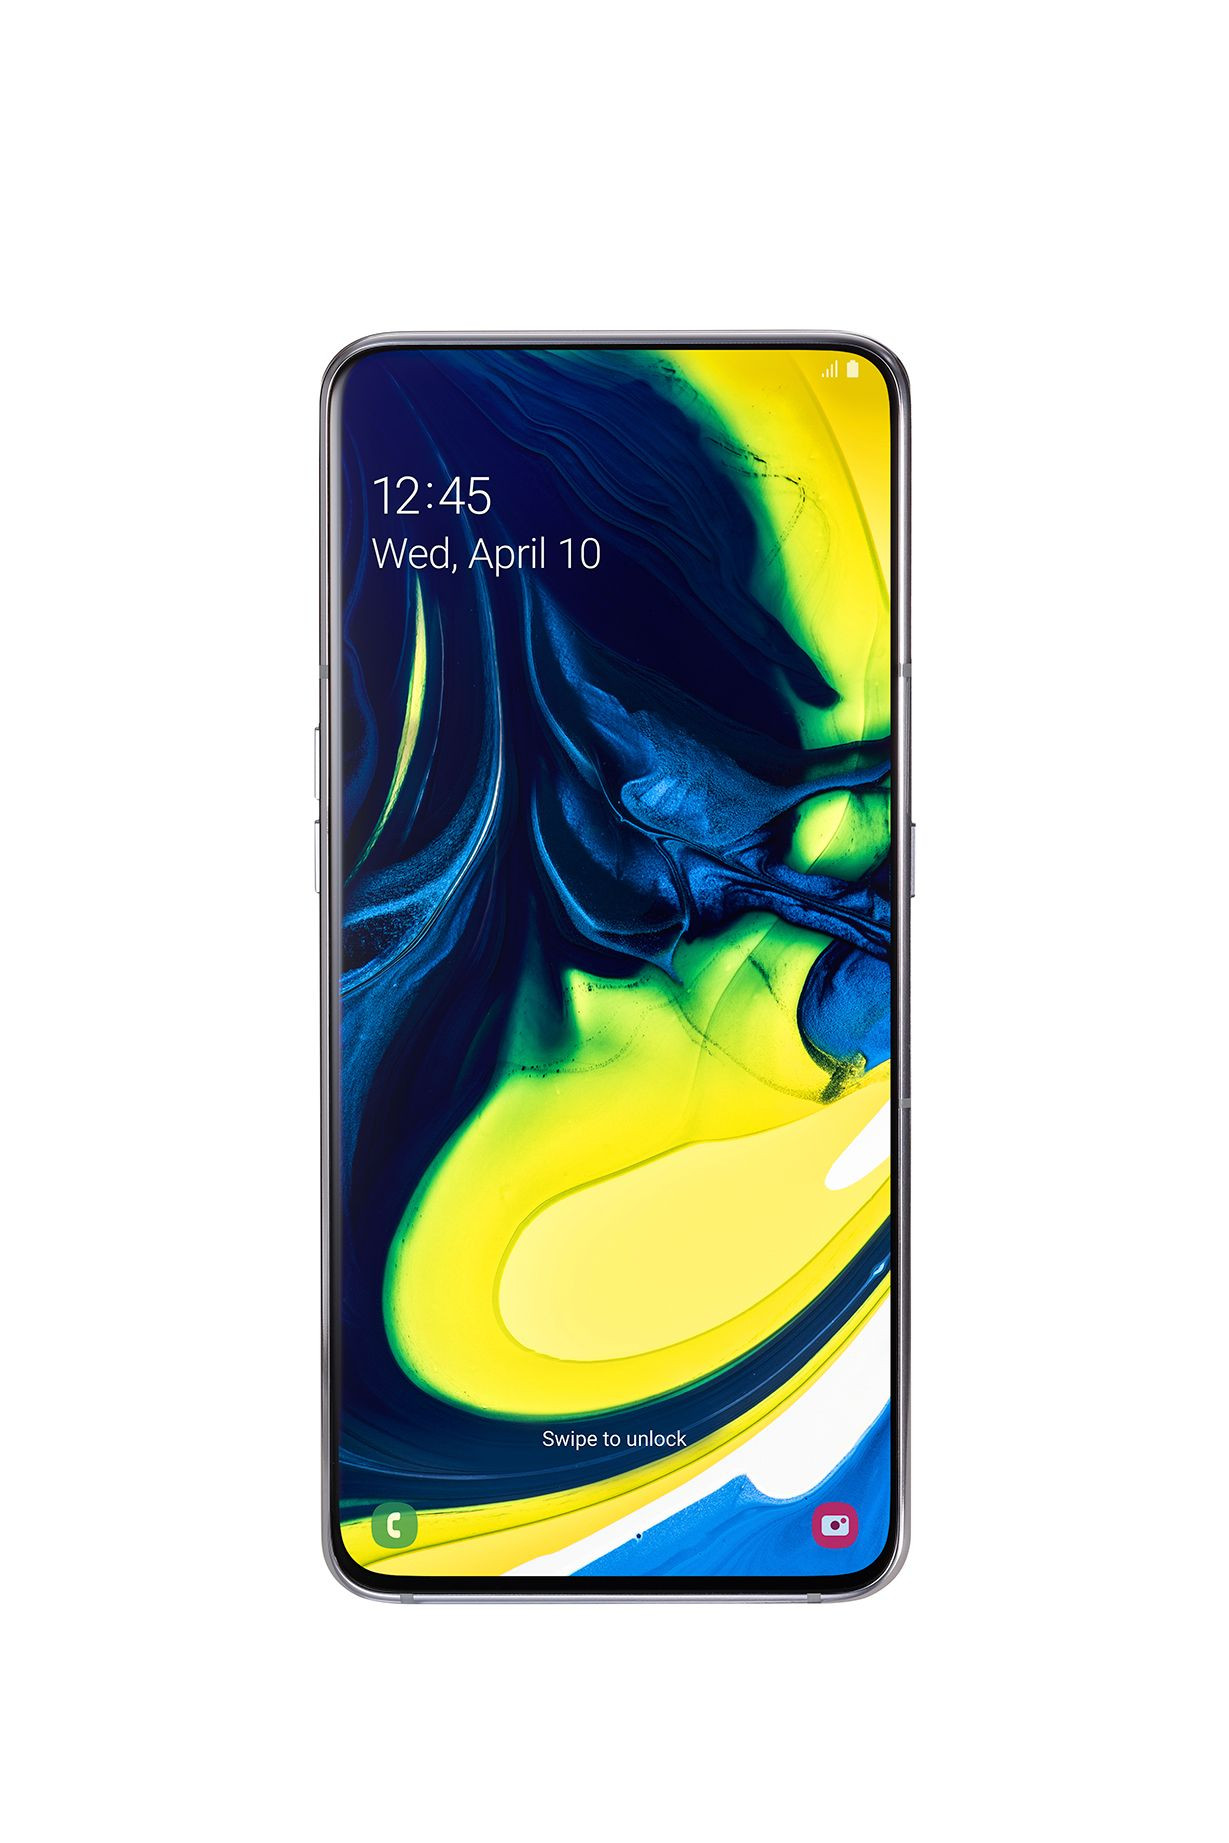 Samsung Galaxy A80 fotoğrafları - Page 4